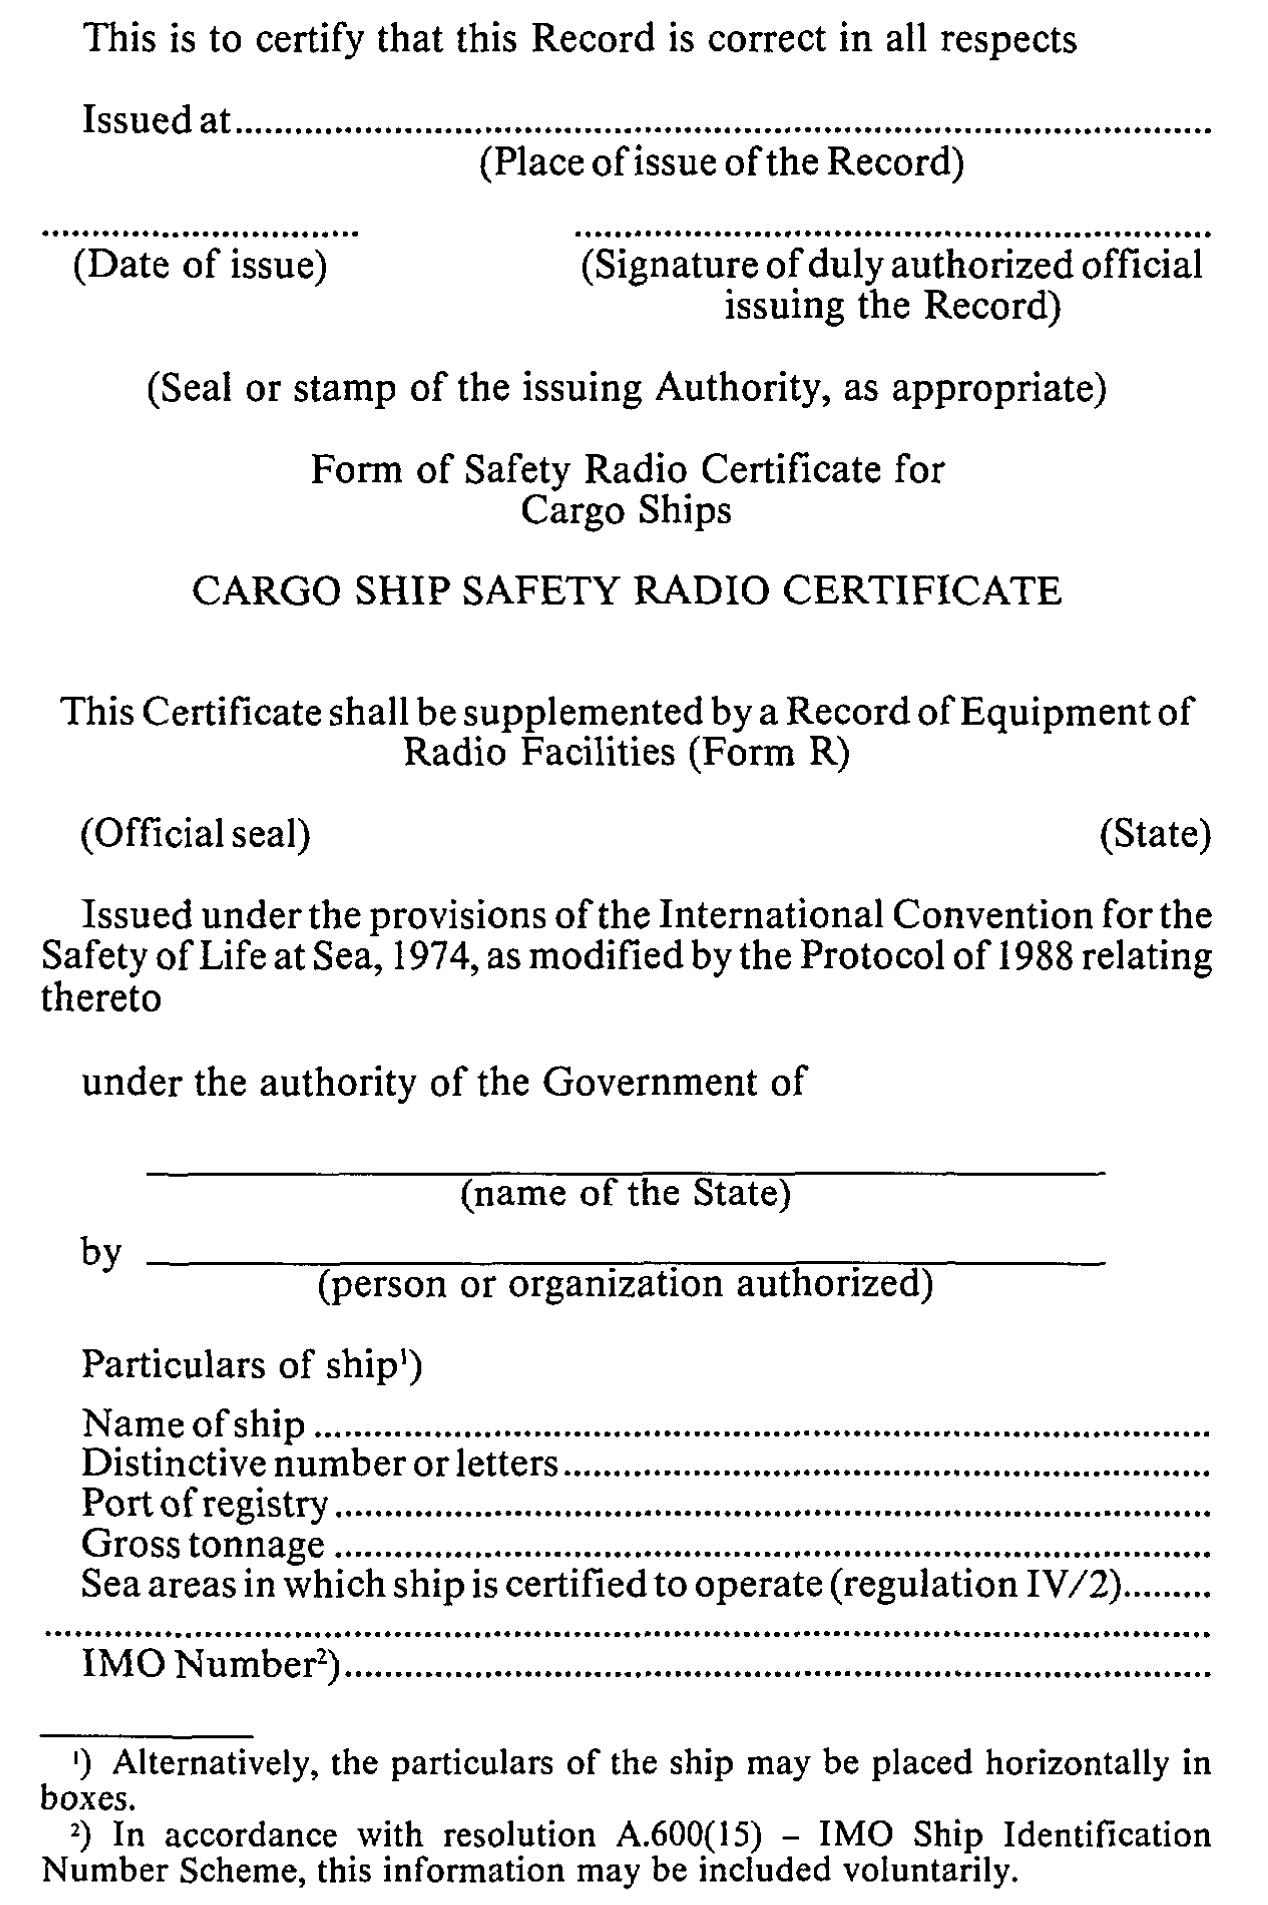 Internationaal Verdrag Voor De Beveiliging Van Mensenlevens Op Zee